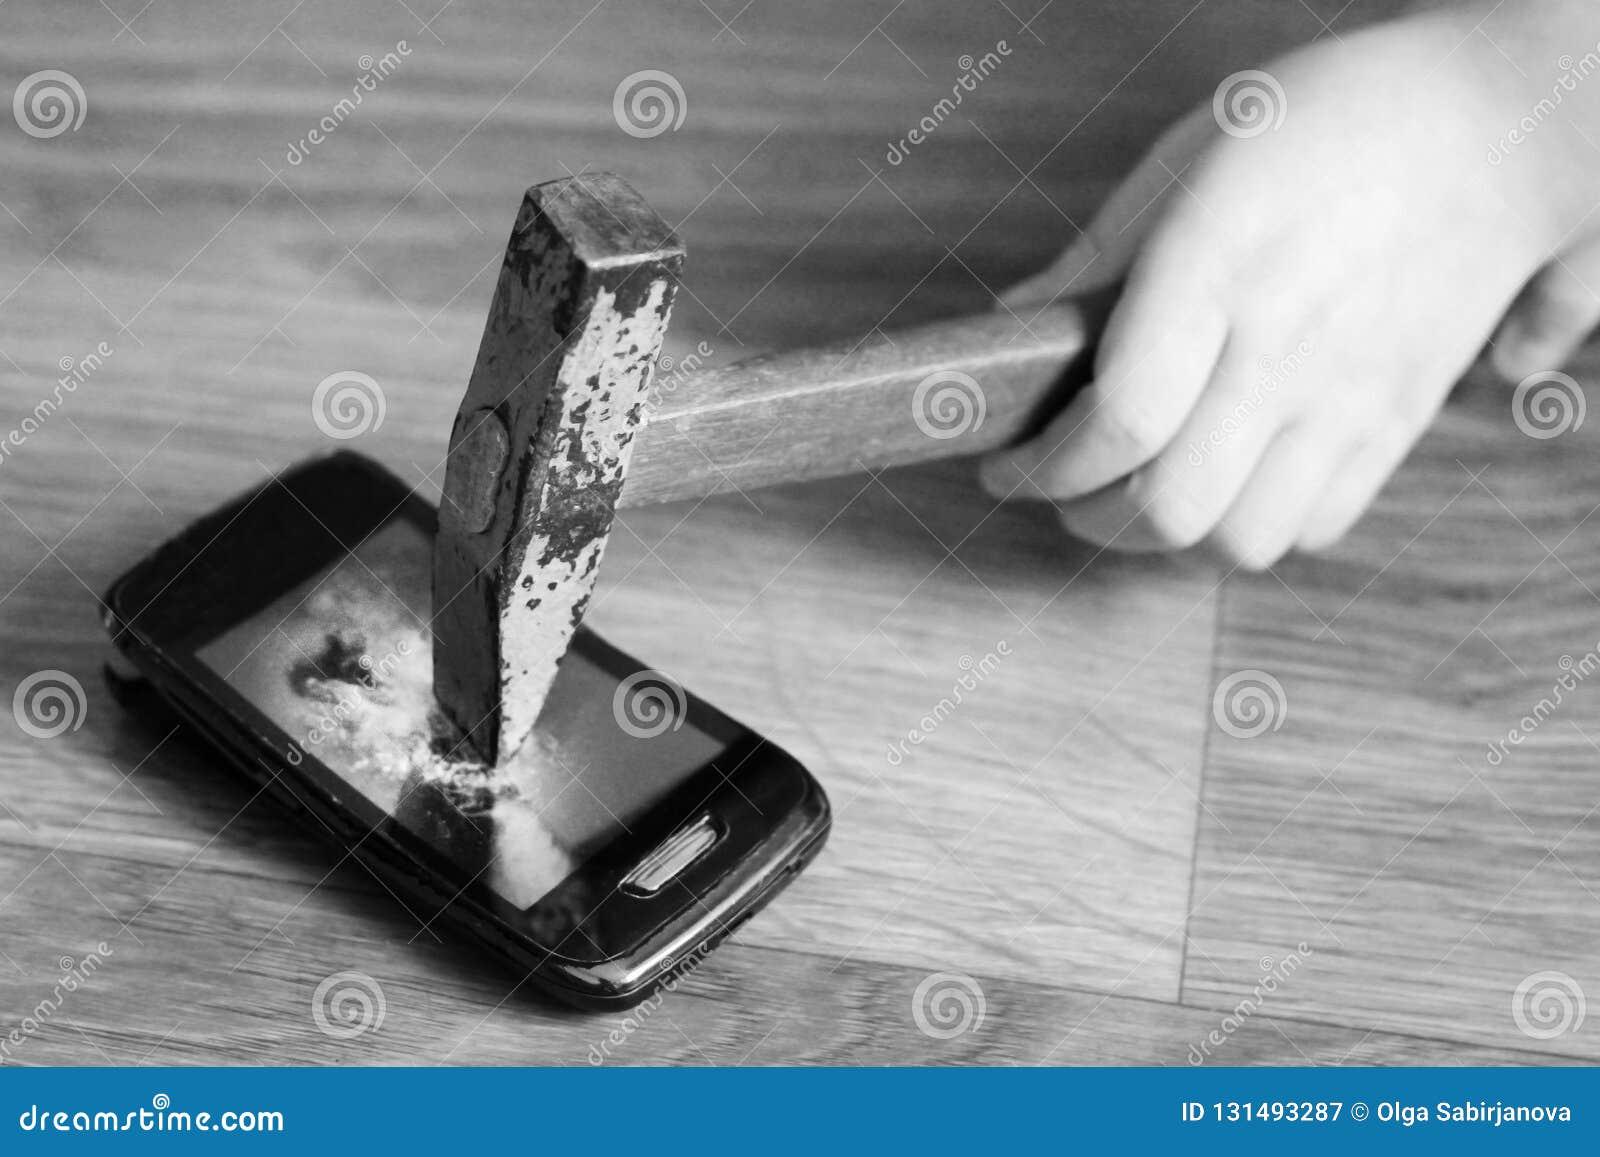 Рука детей с молотком ломает смартфон, черно-белый